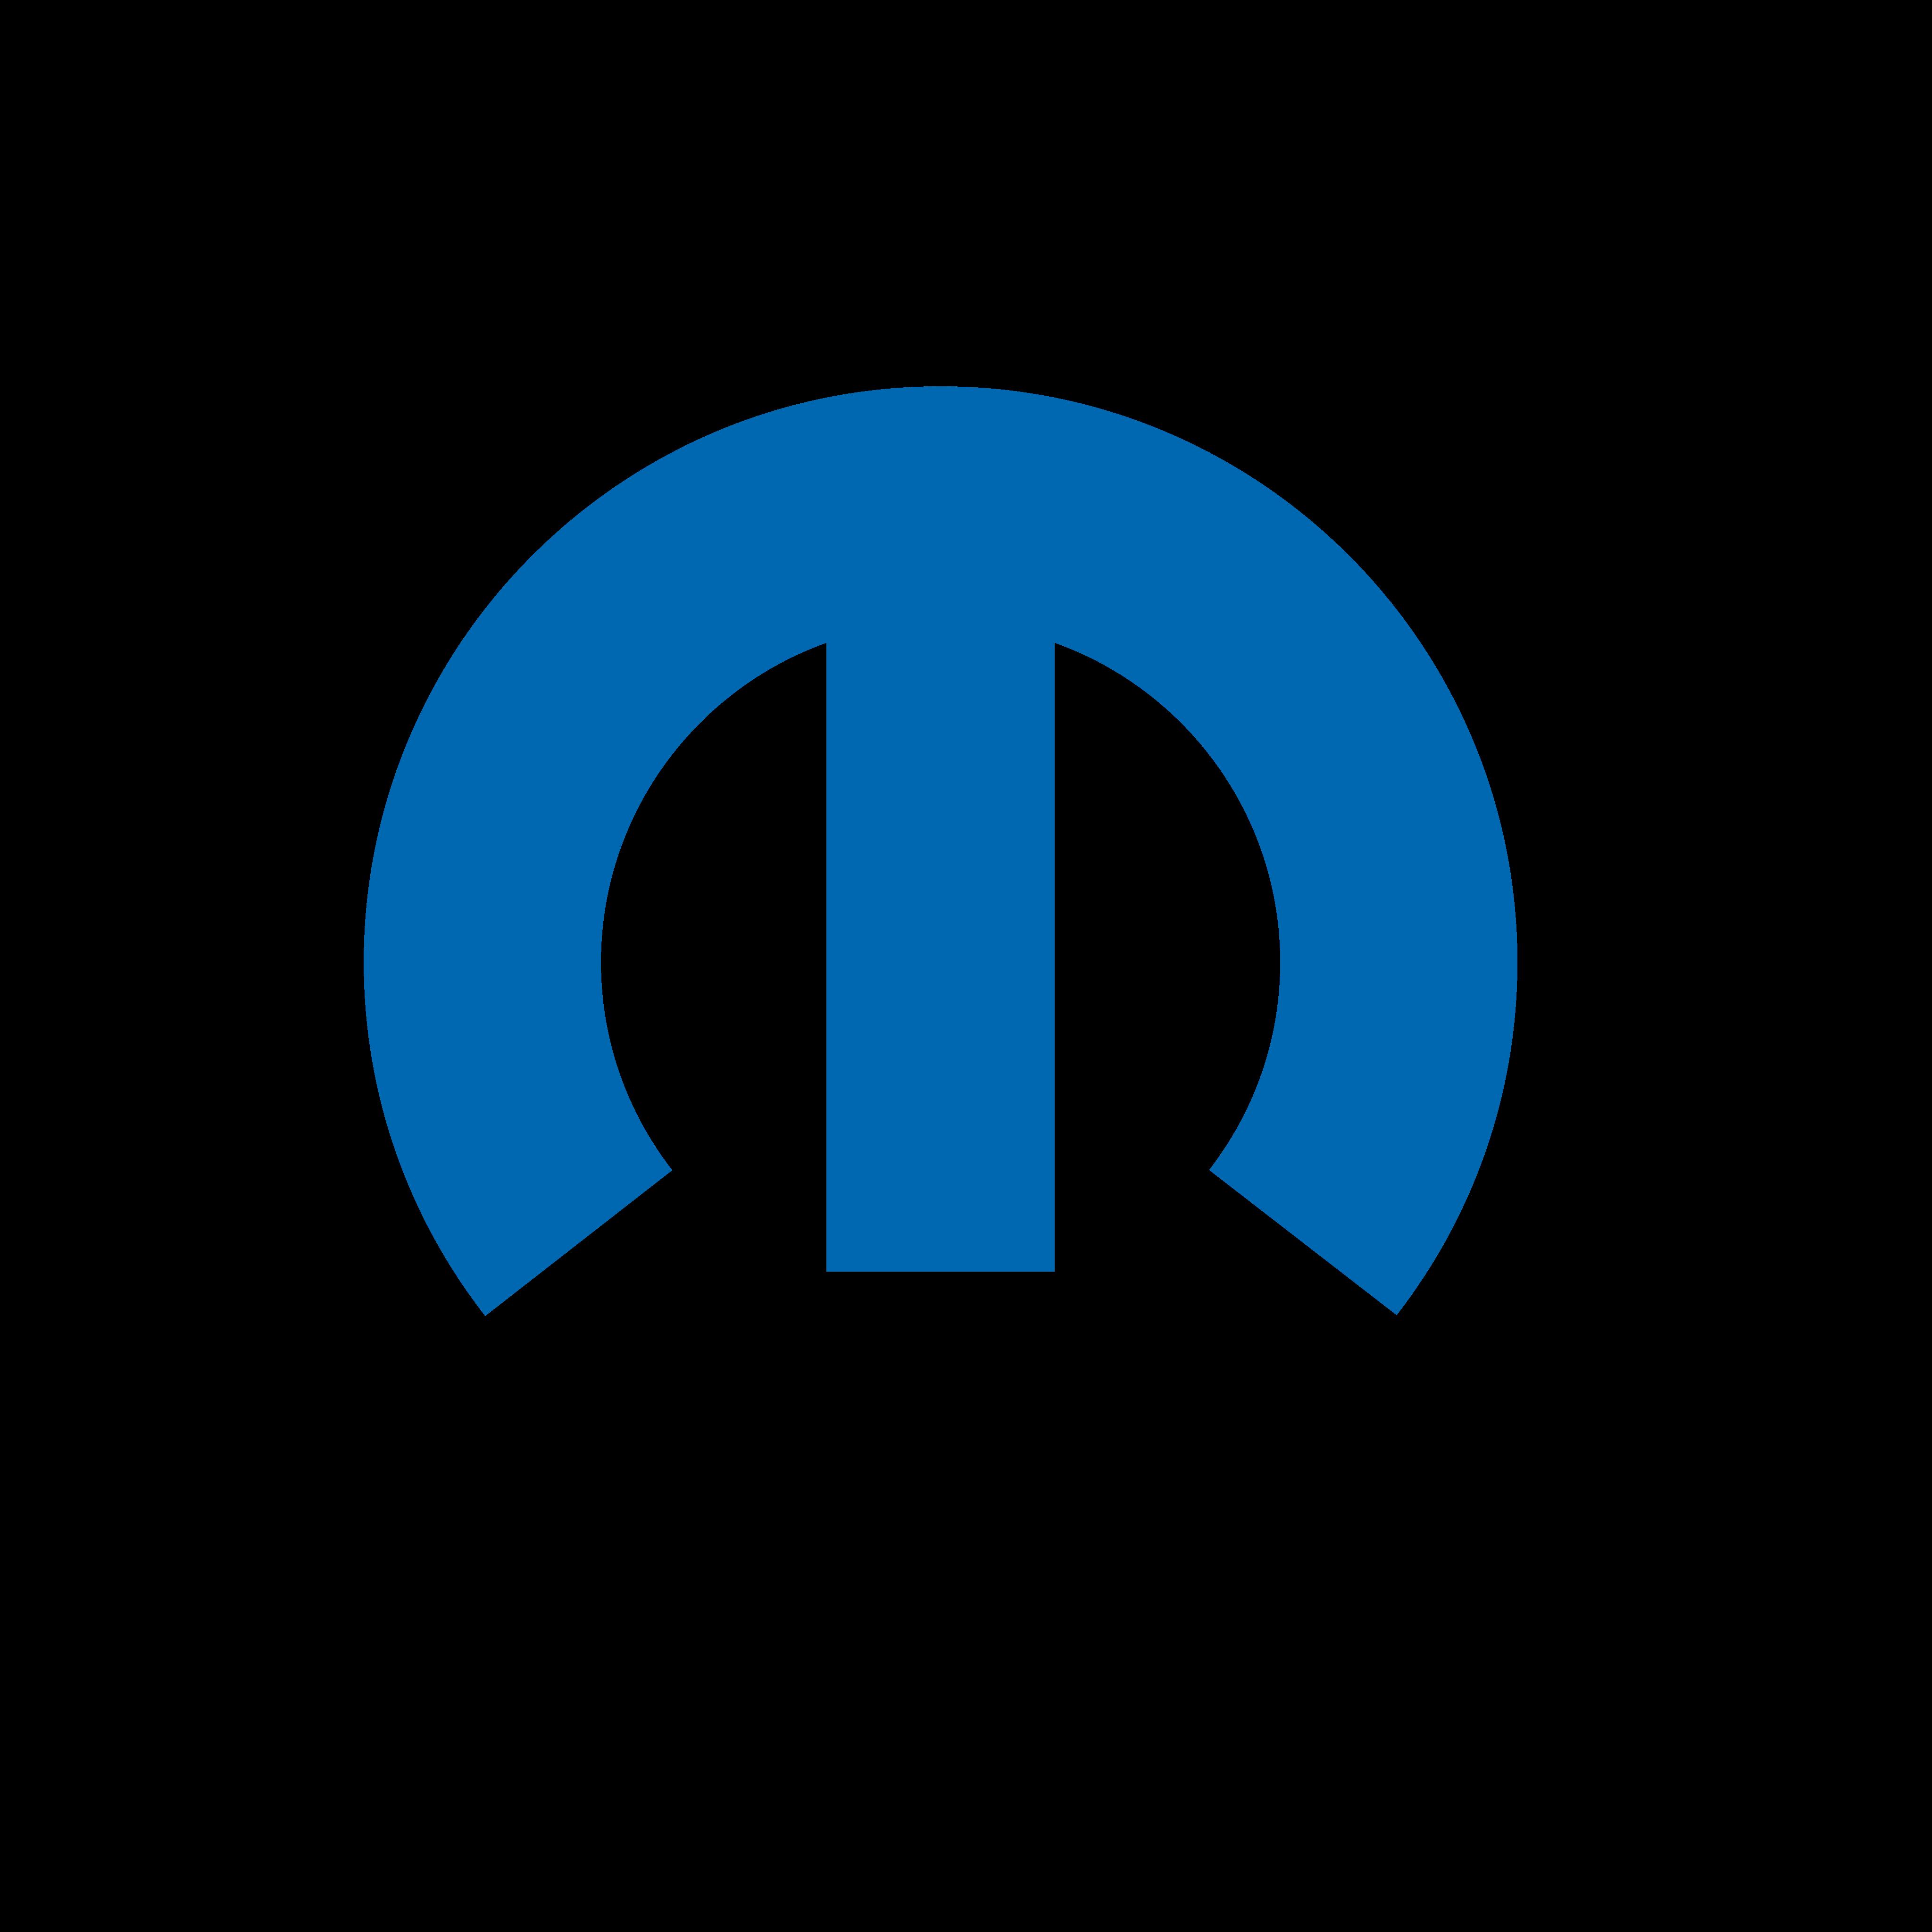 mopar logo 0 - Mopar Logo